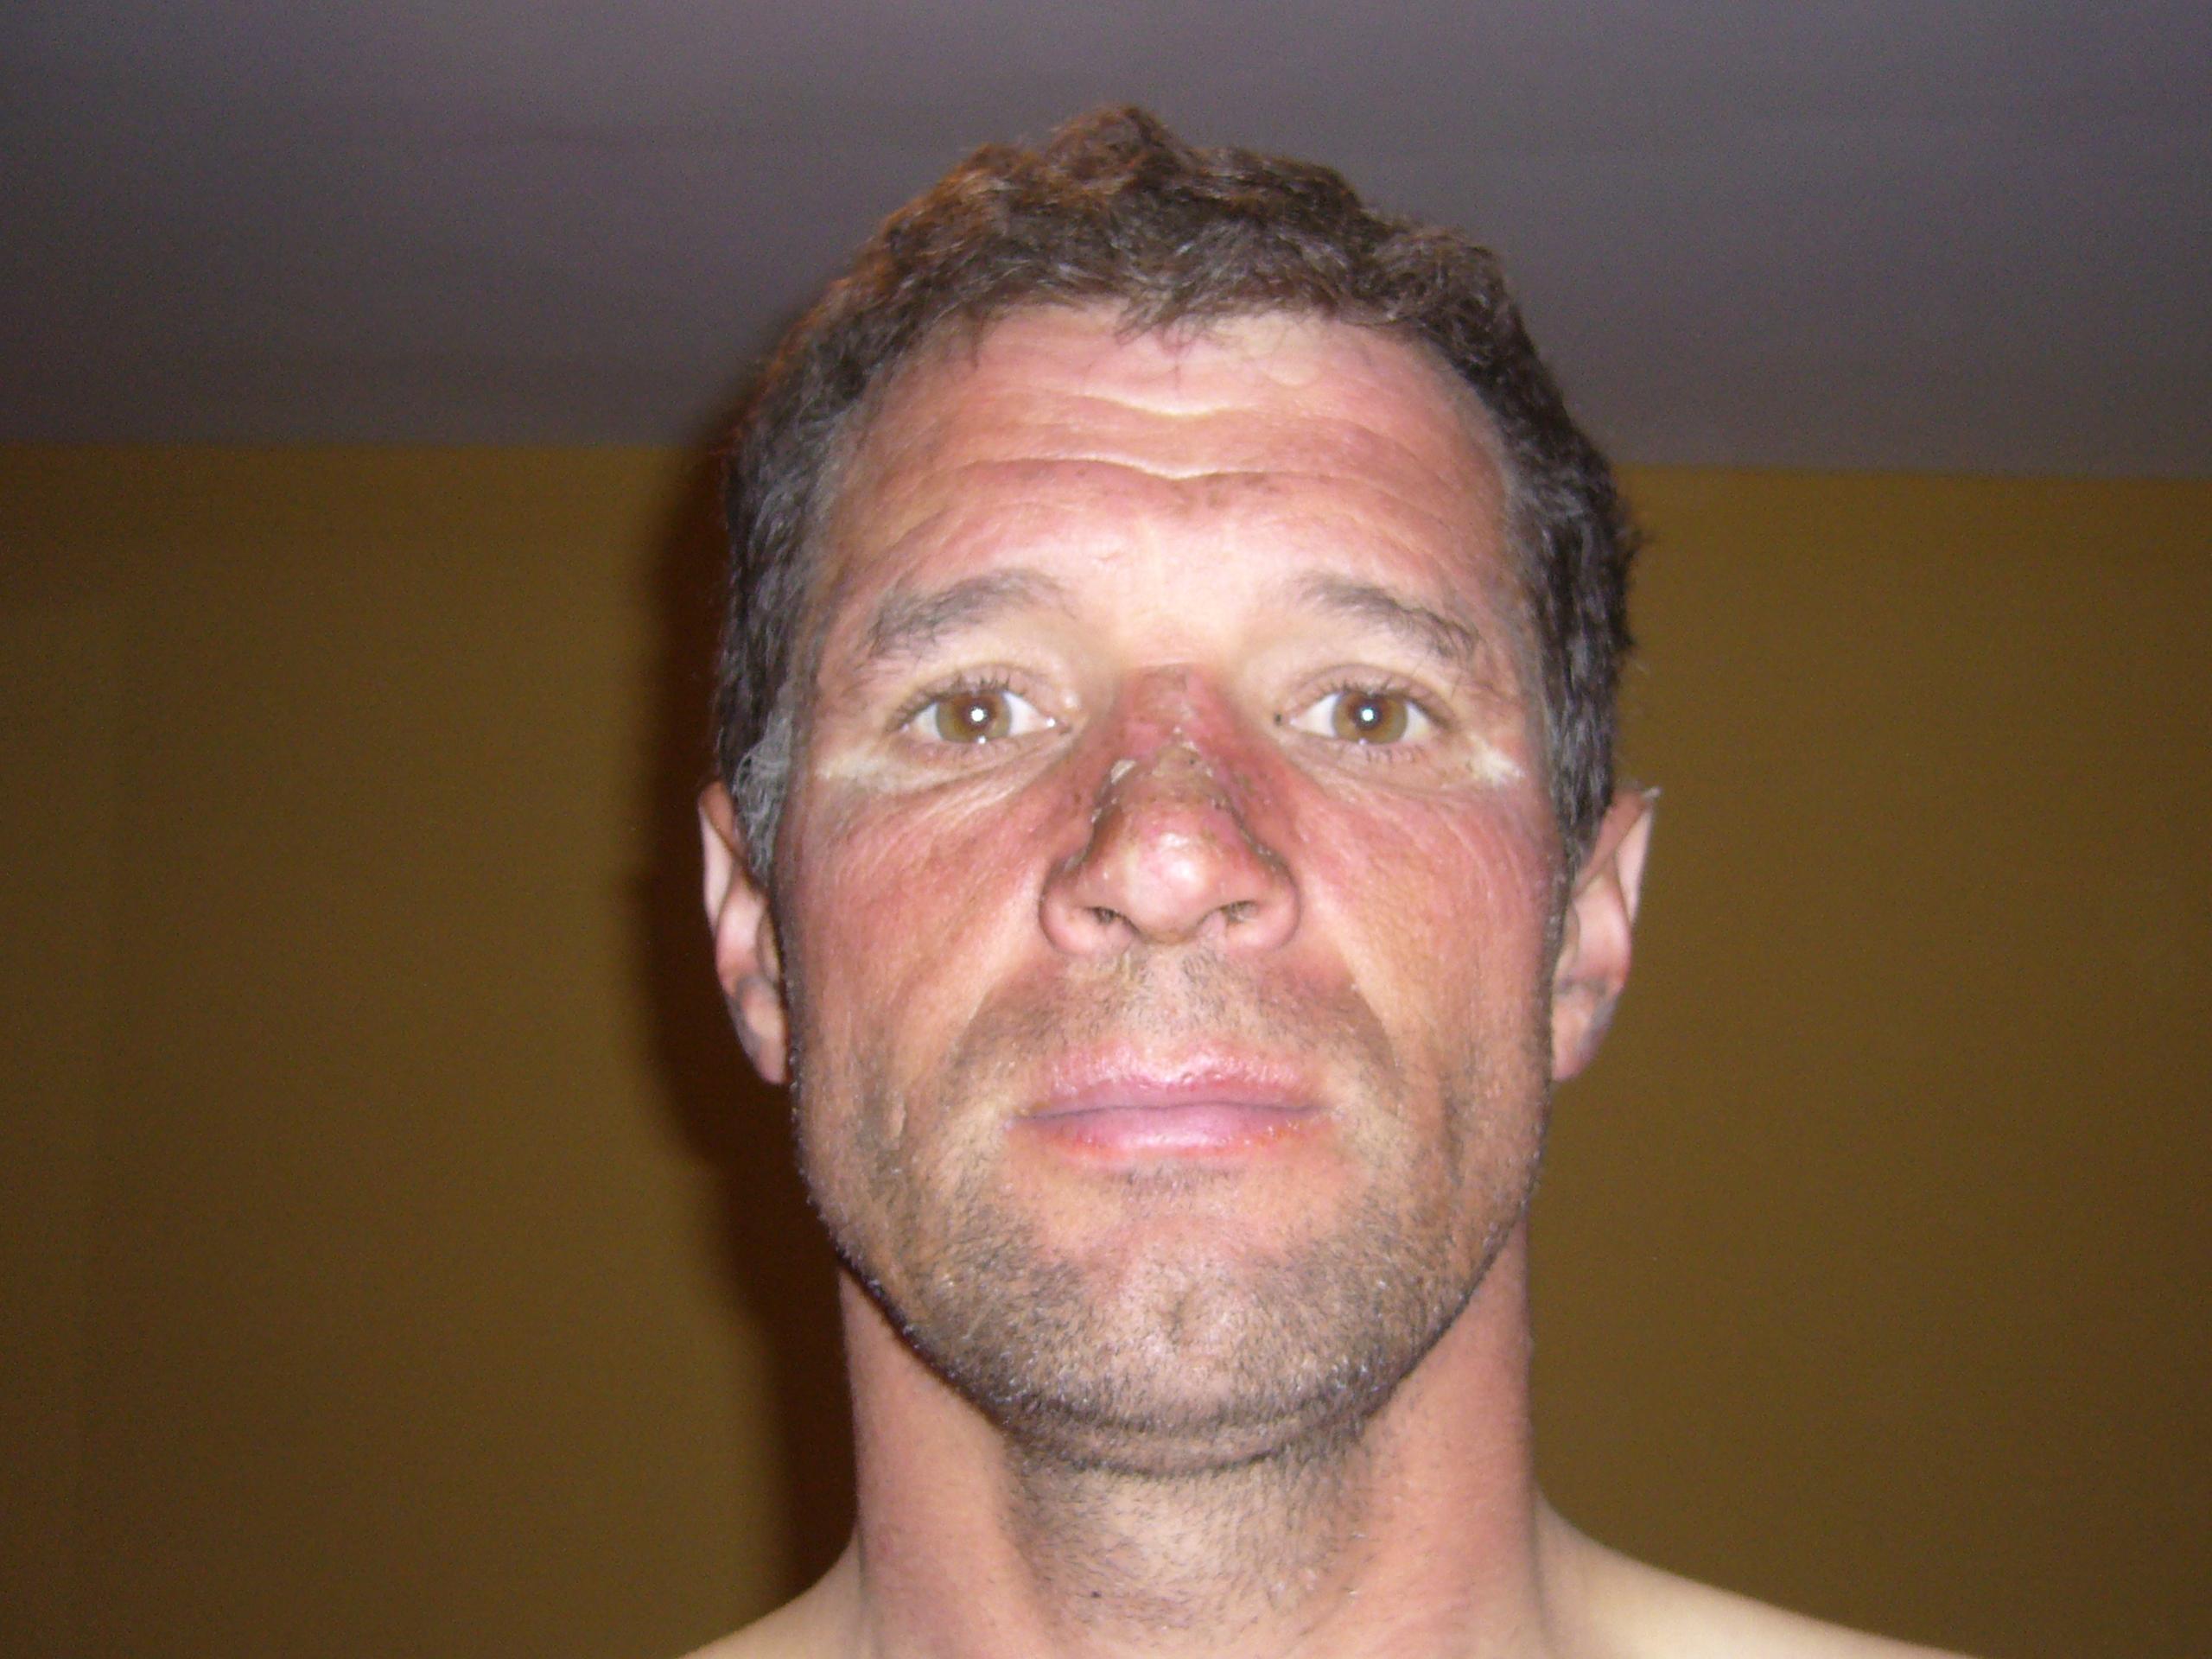 Radreise Peru 2008 - Sonnenbrand